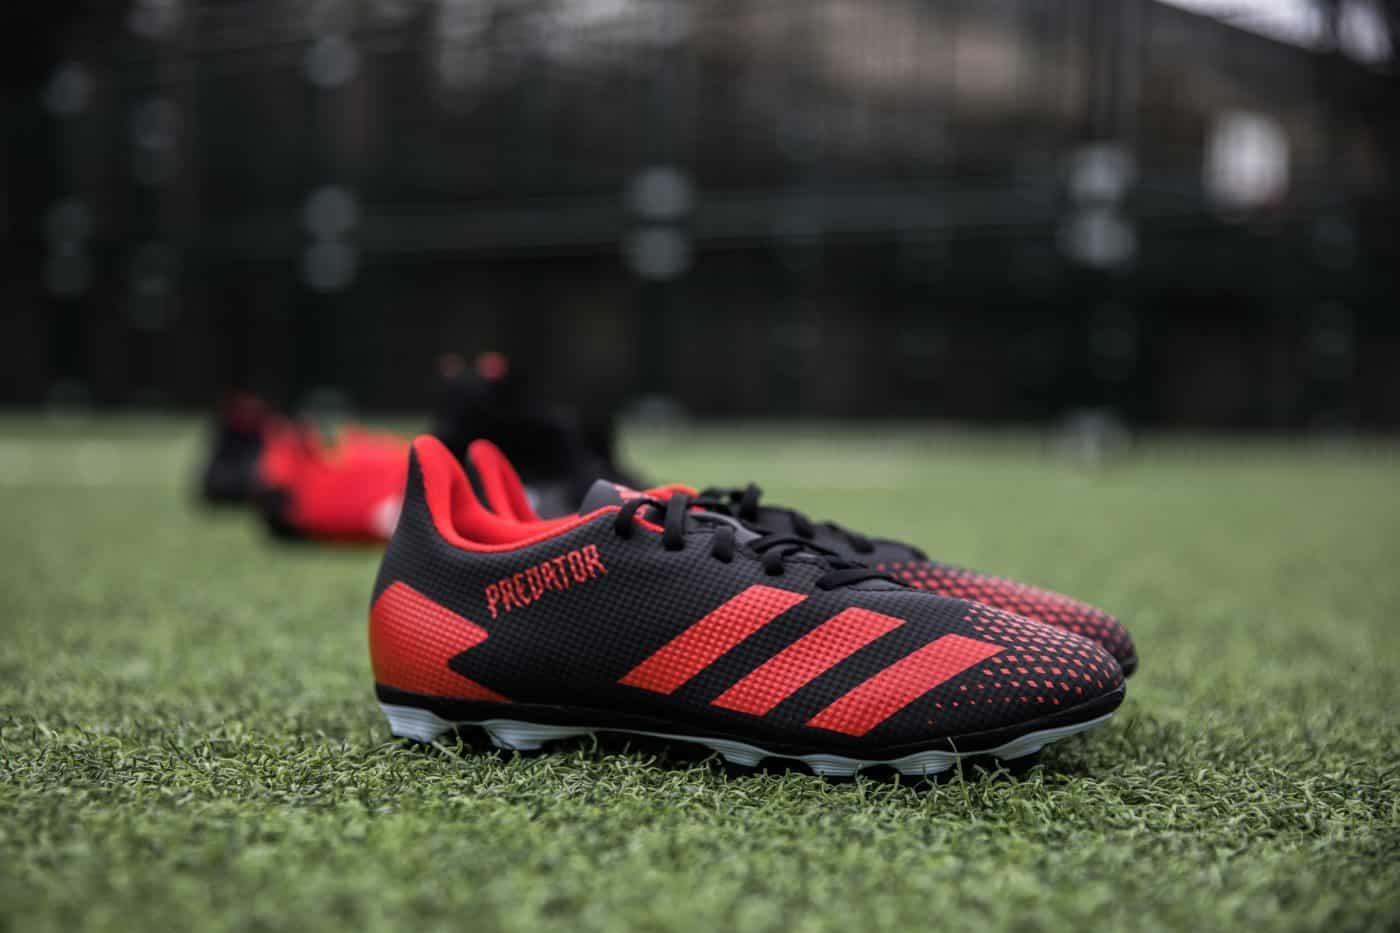 adidas-predator-20.4-gamme-footpack